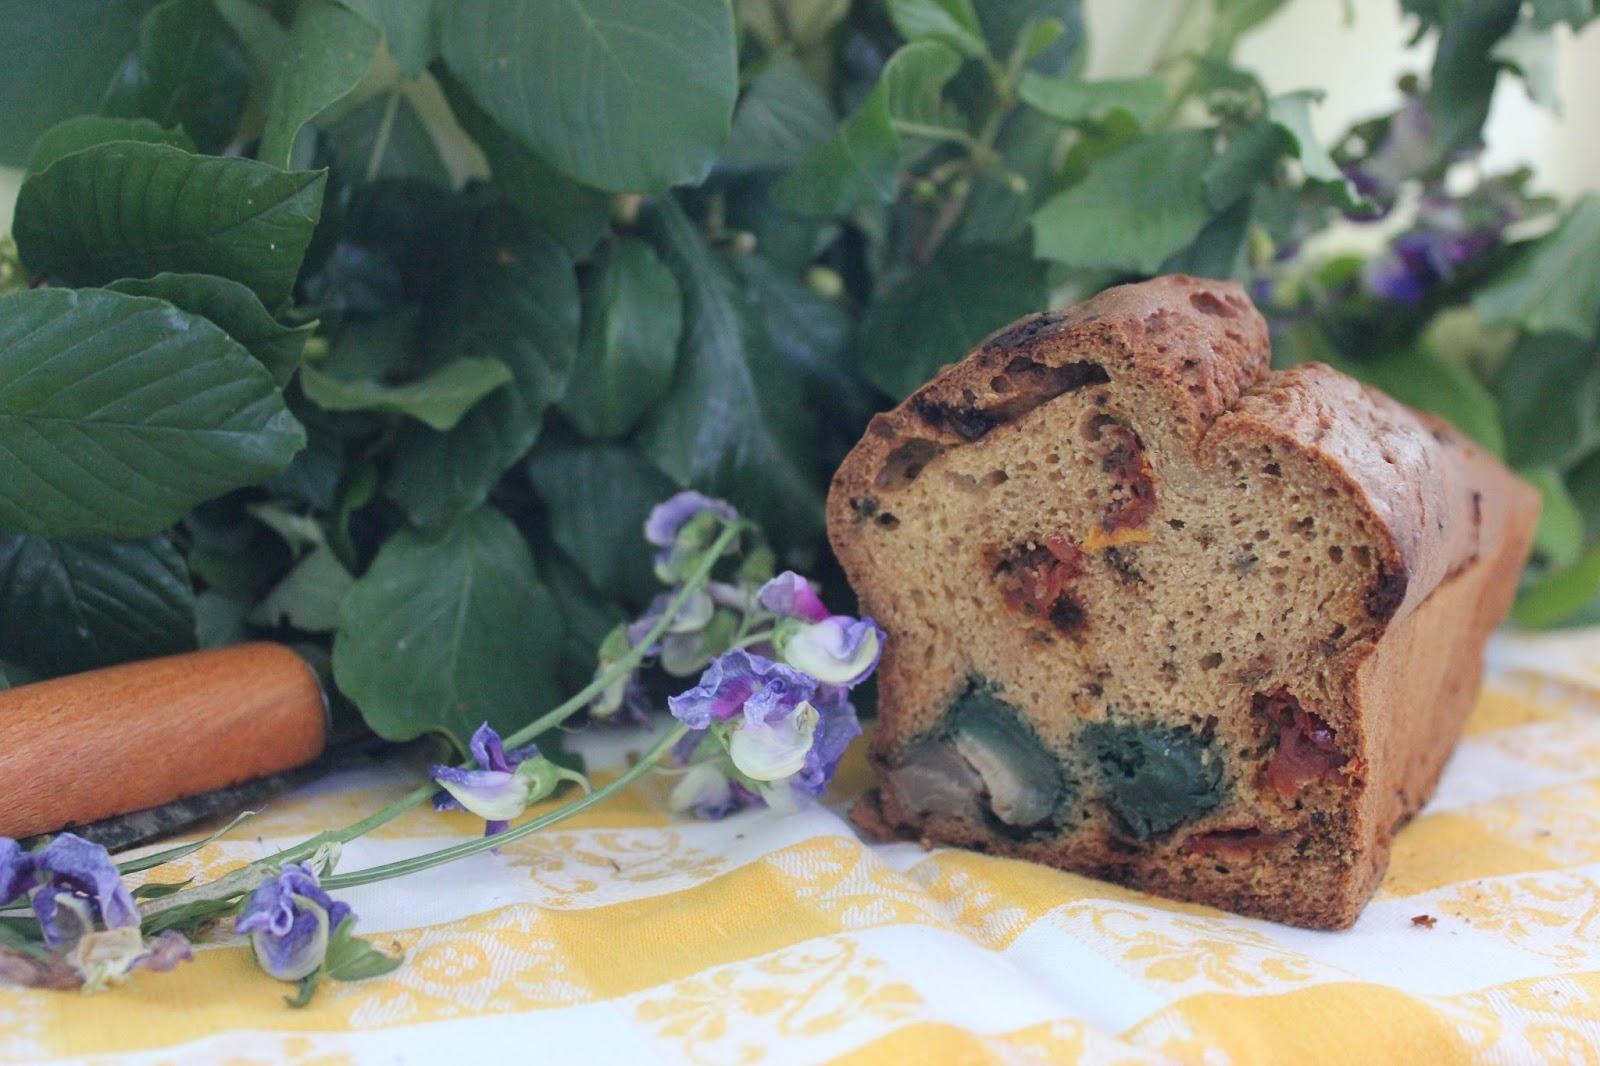 https://cuillereetsaladier.blogspot.com/2013/07/cake-la-farine-de-pois-chiche-tomates.html